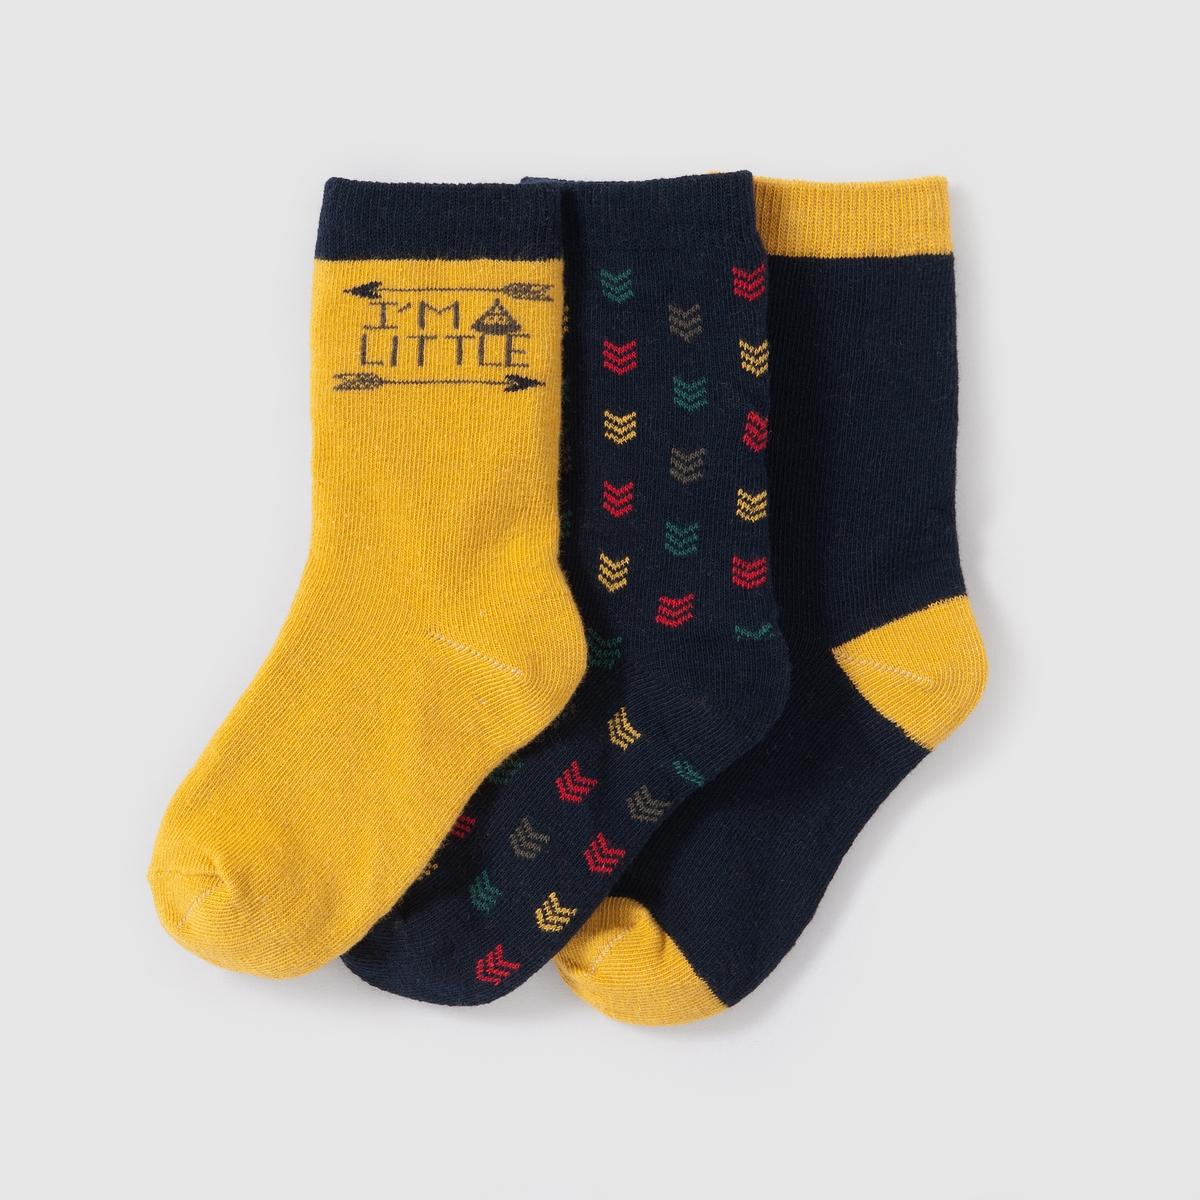 3 пары коротких носковОригинальные короткие носки в стиле фольк. Продаются комплектом, в комплекте 3 пары : 1 пара с принтом стрела, 1 пара однотонная и 1 пара с принтом вигвам. Состав и описание : Материал: 74% хлопка, 25% полиамида, 1% эластана.Марка       abcdRУход :Машинная стирка при 30 °C с вещами схожих цветов.Стирать, предварительно вывернув на изнанку.Машинная сушка запрещена.Не гладить.<br><br>Цвет: желтый карри + серый